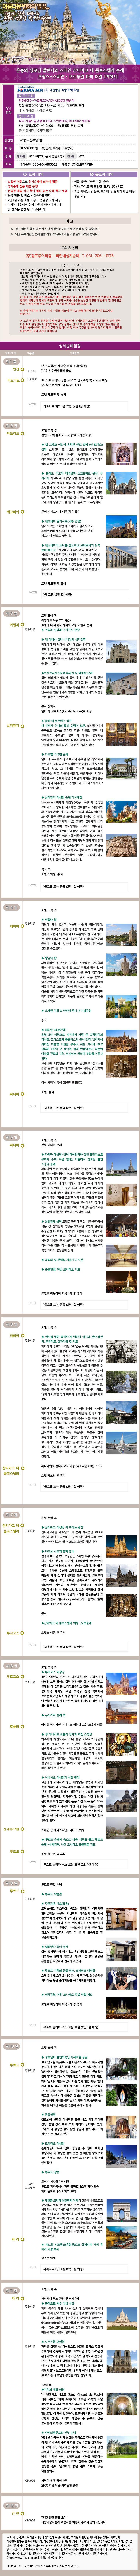 성모발현지3국_마드리드IN파리OUT_날짜삭제.jpg